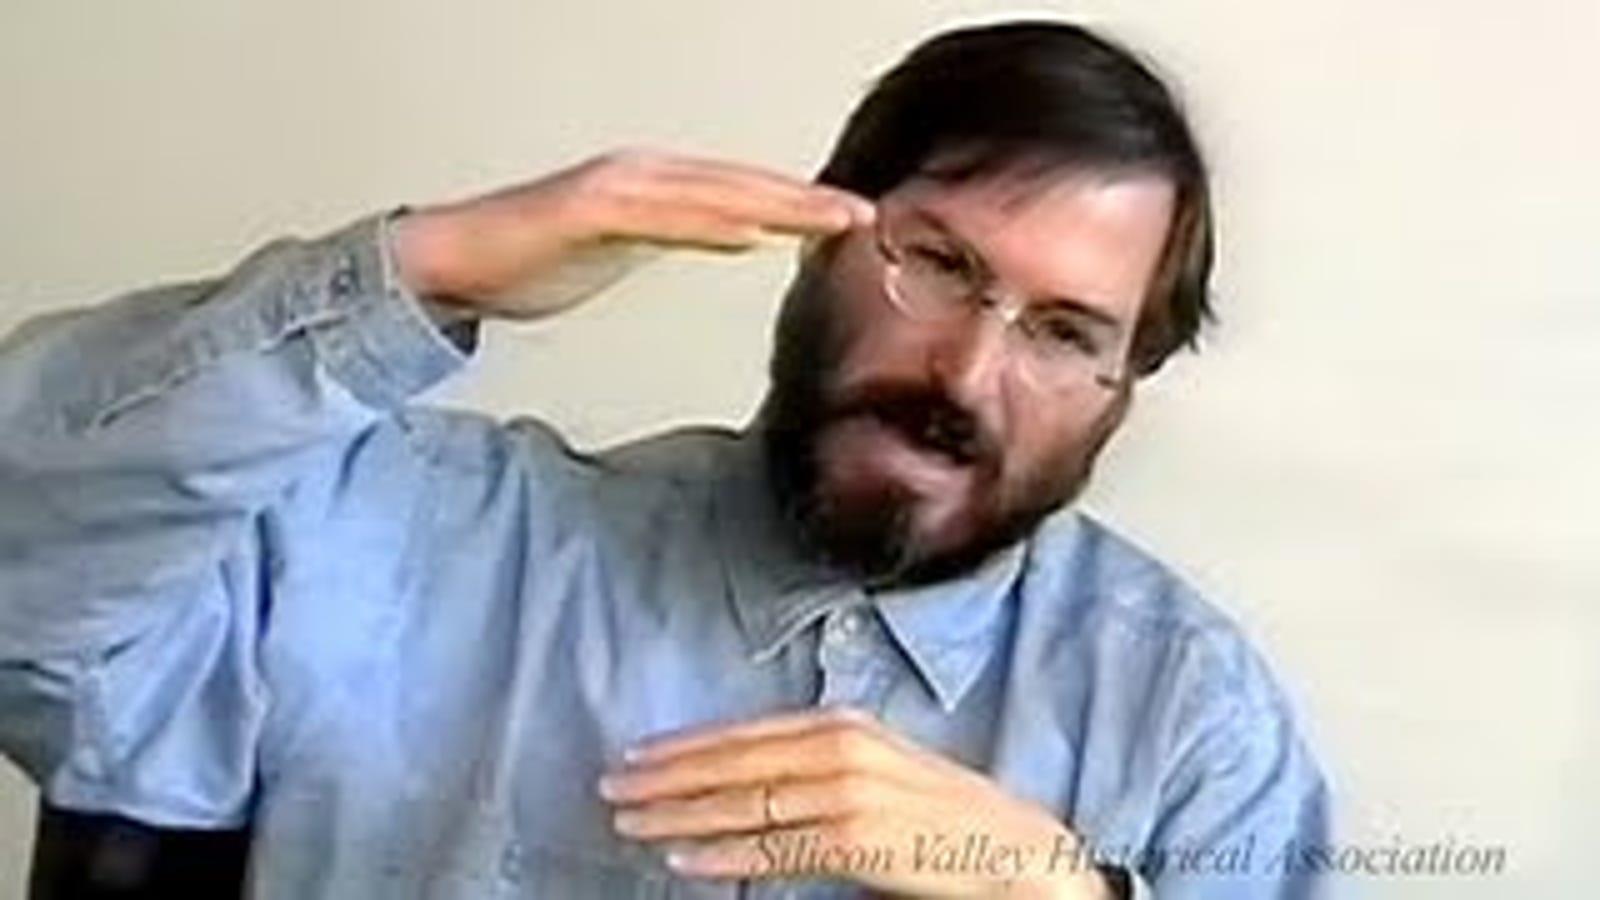 Steve Jobs habla de su legado en un vídeo nunca antes visto